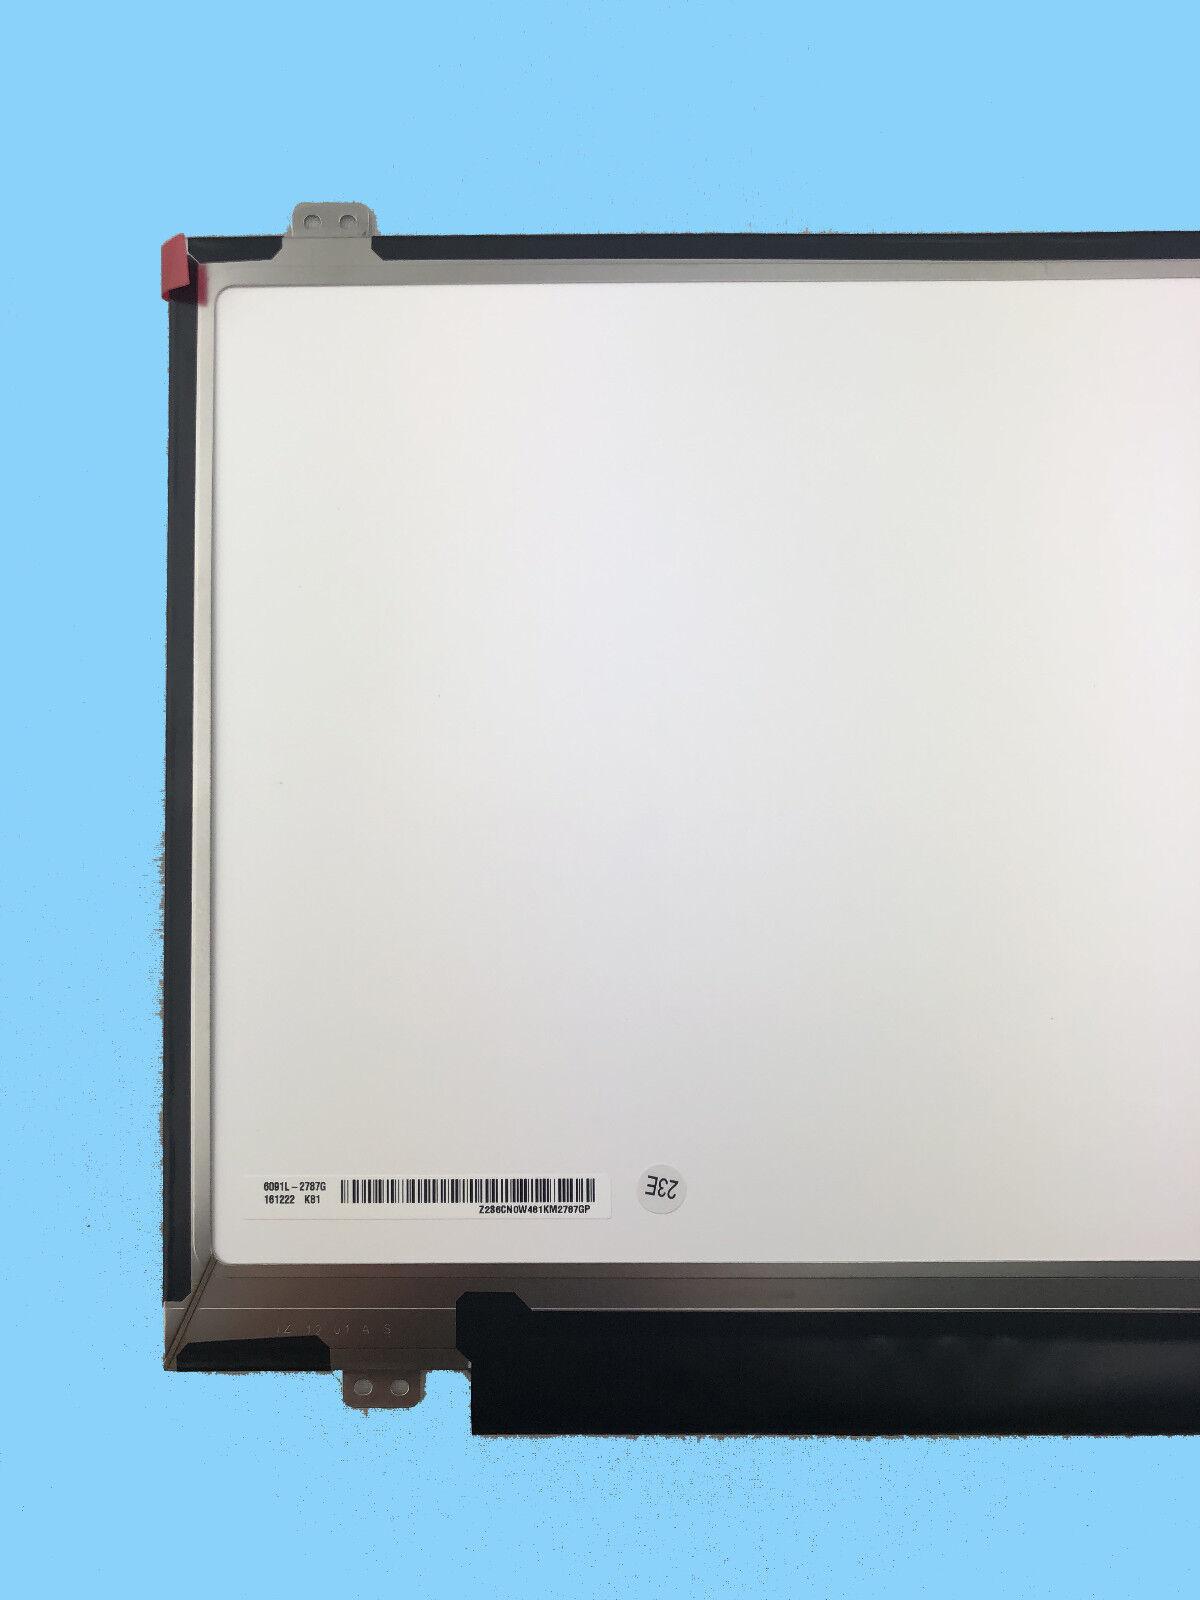 DELL DP/N: MHFP8 0MHFP8 14 0